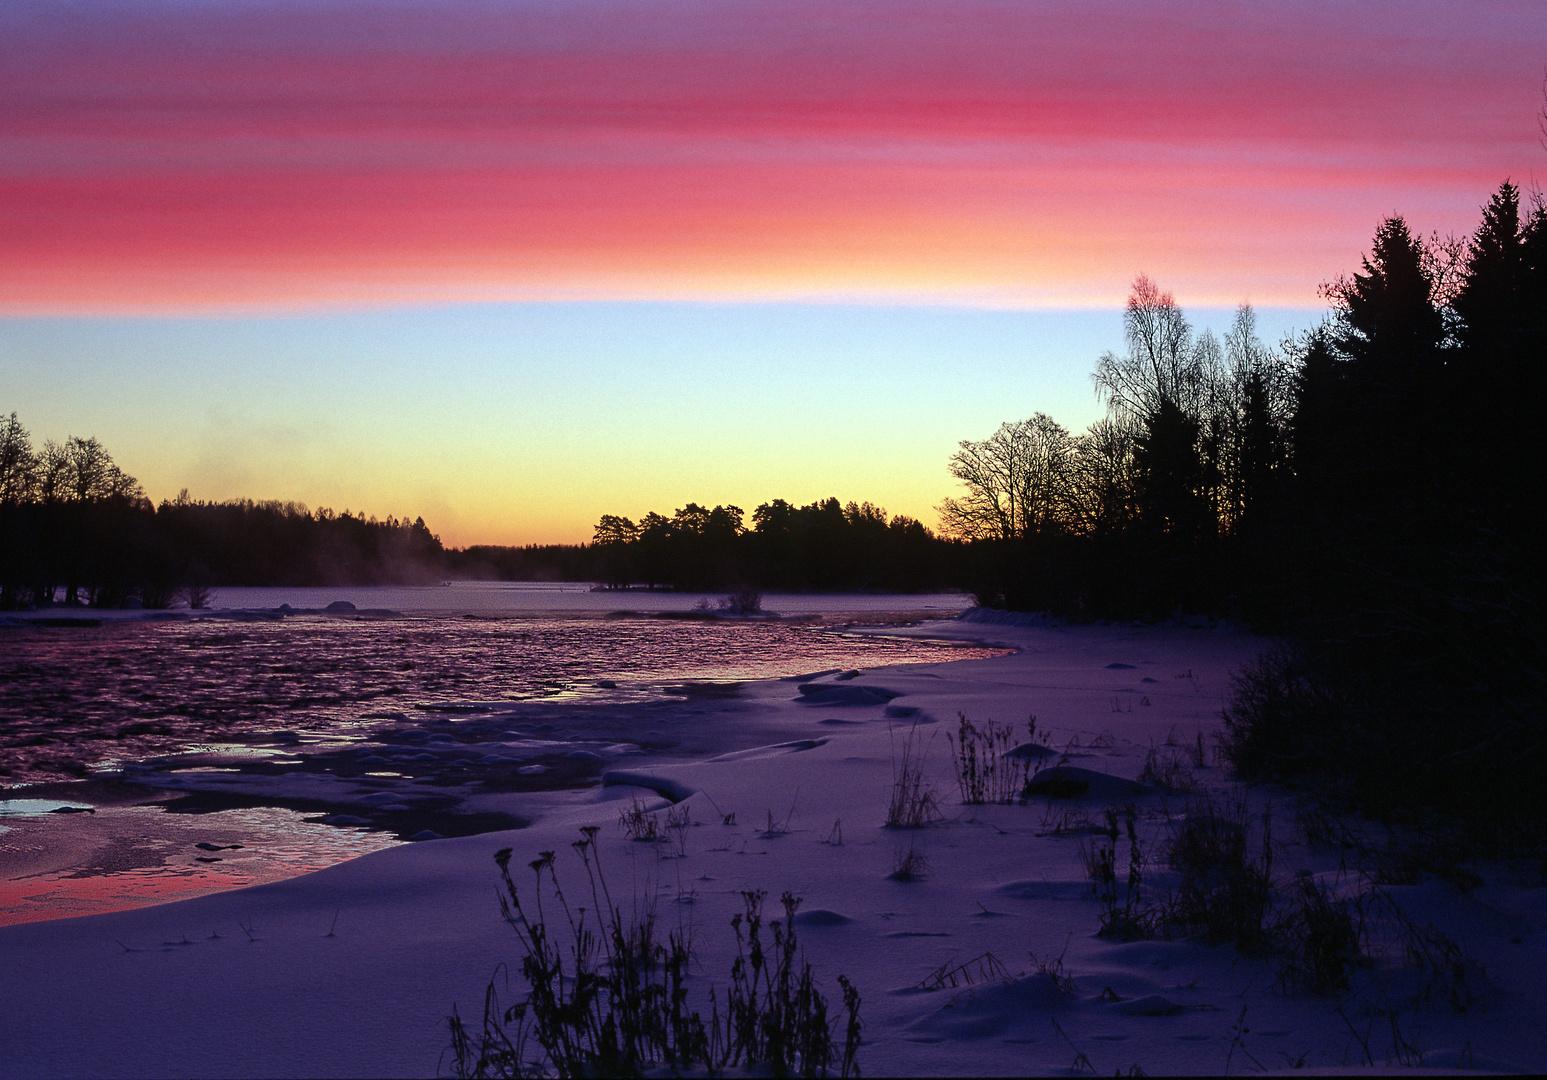 Farnebofjarden National Park